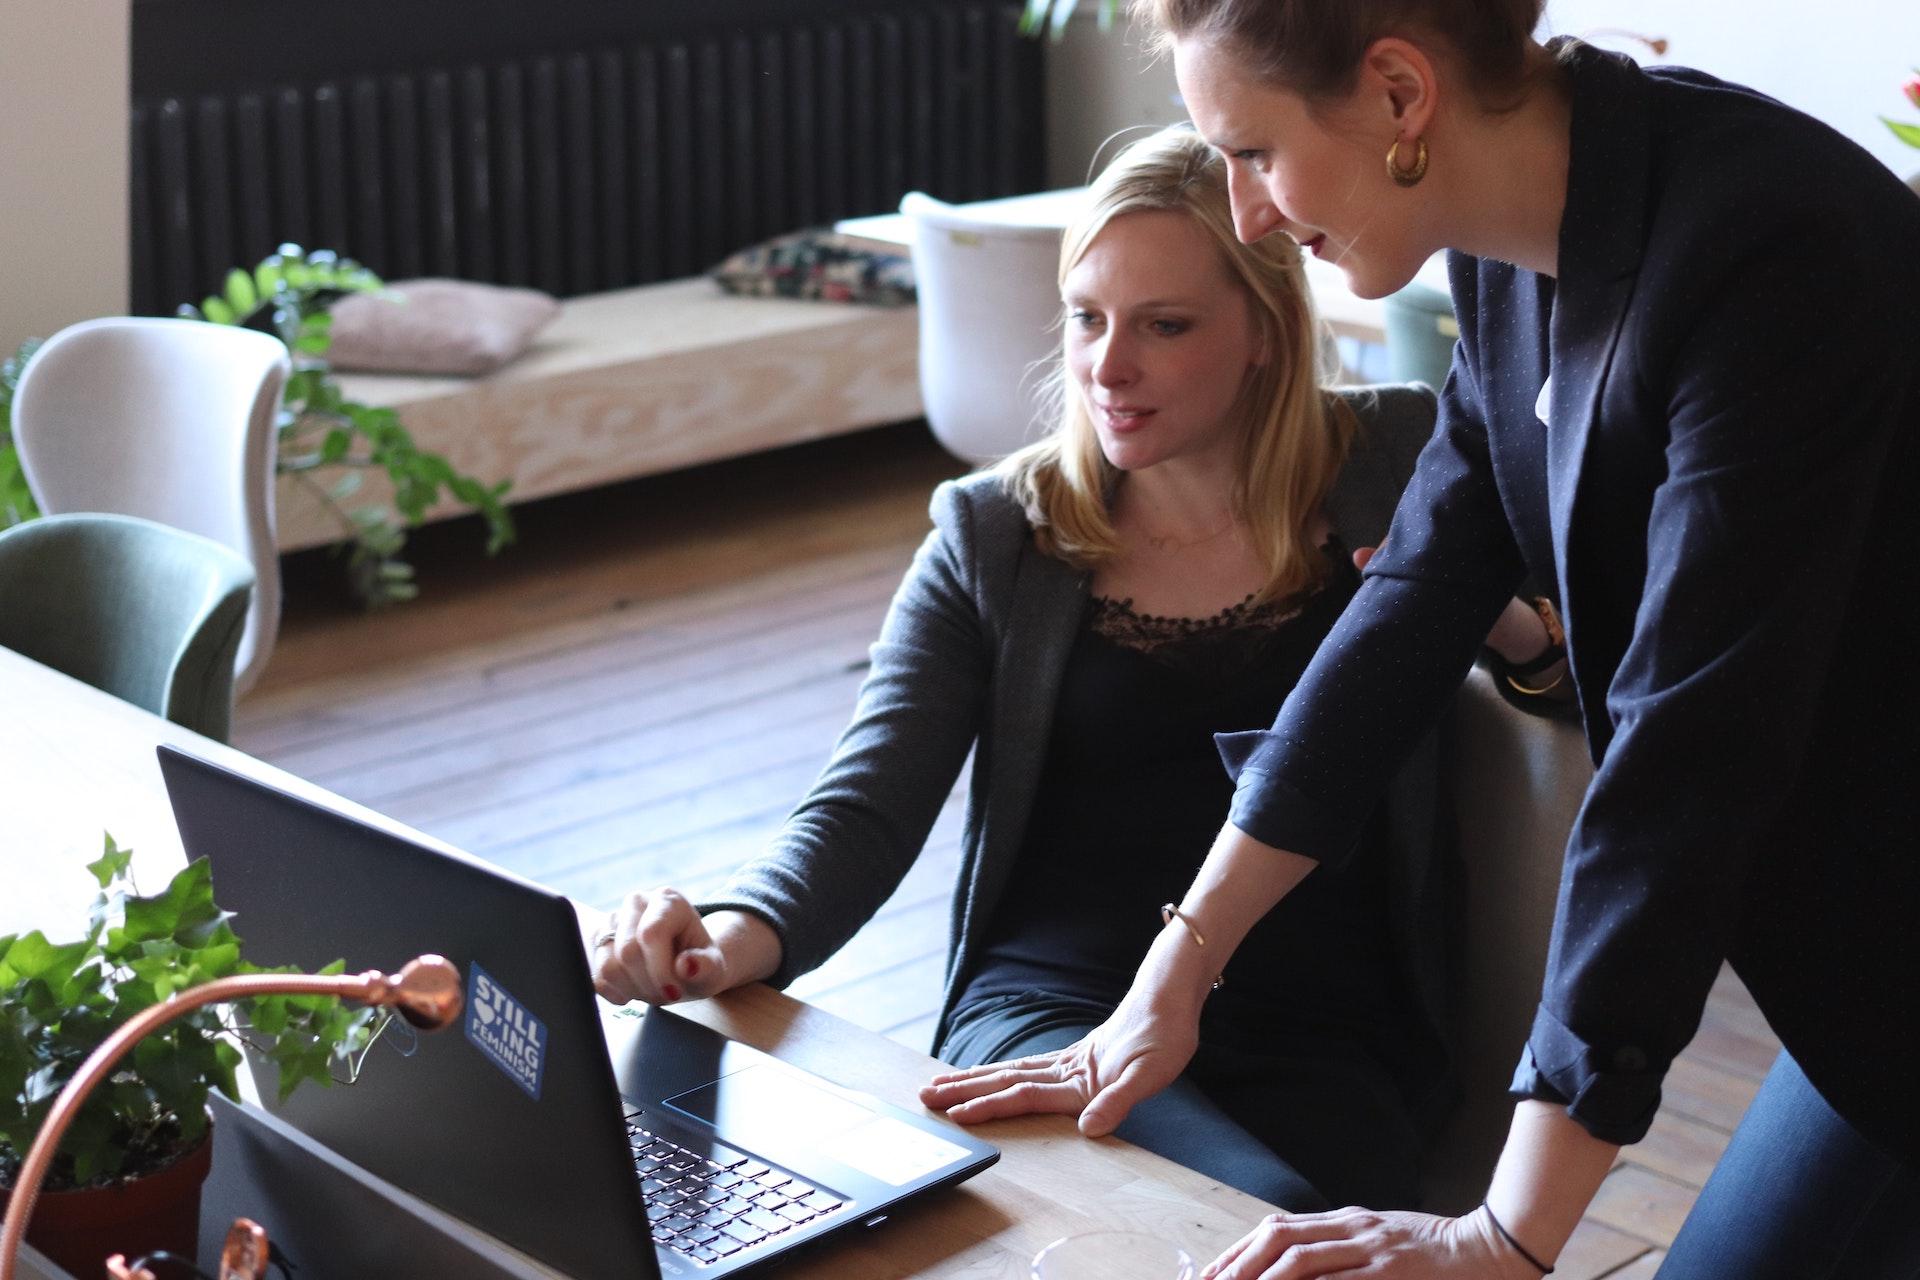 Avviso 3/2018 Fondimpresa: piano Peritia – Sviluppo di competenze distintive per supportare le strategie aziendali